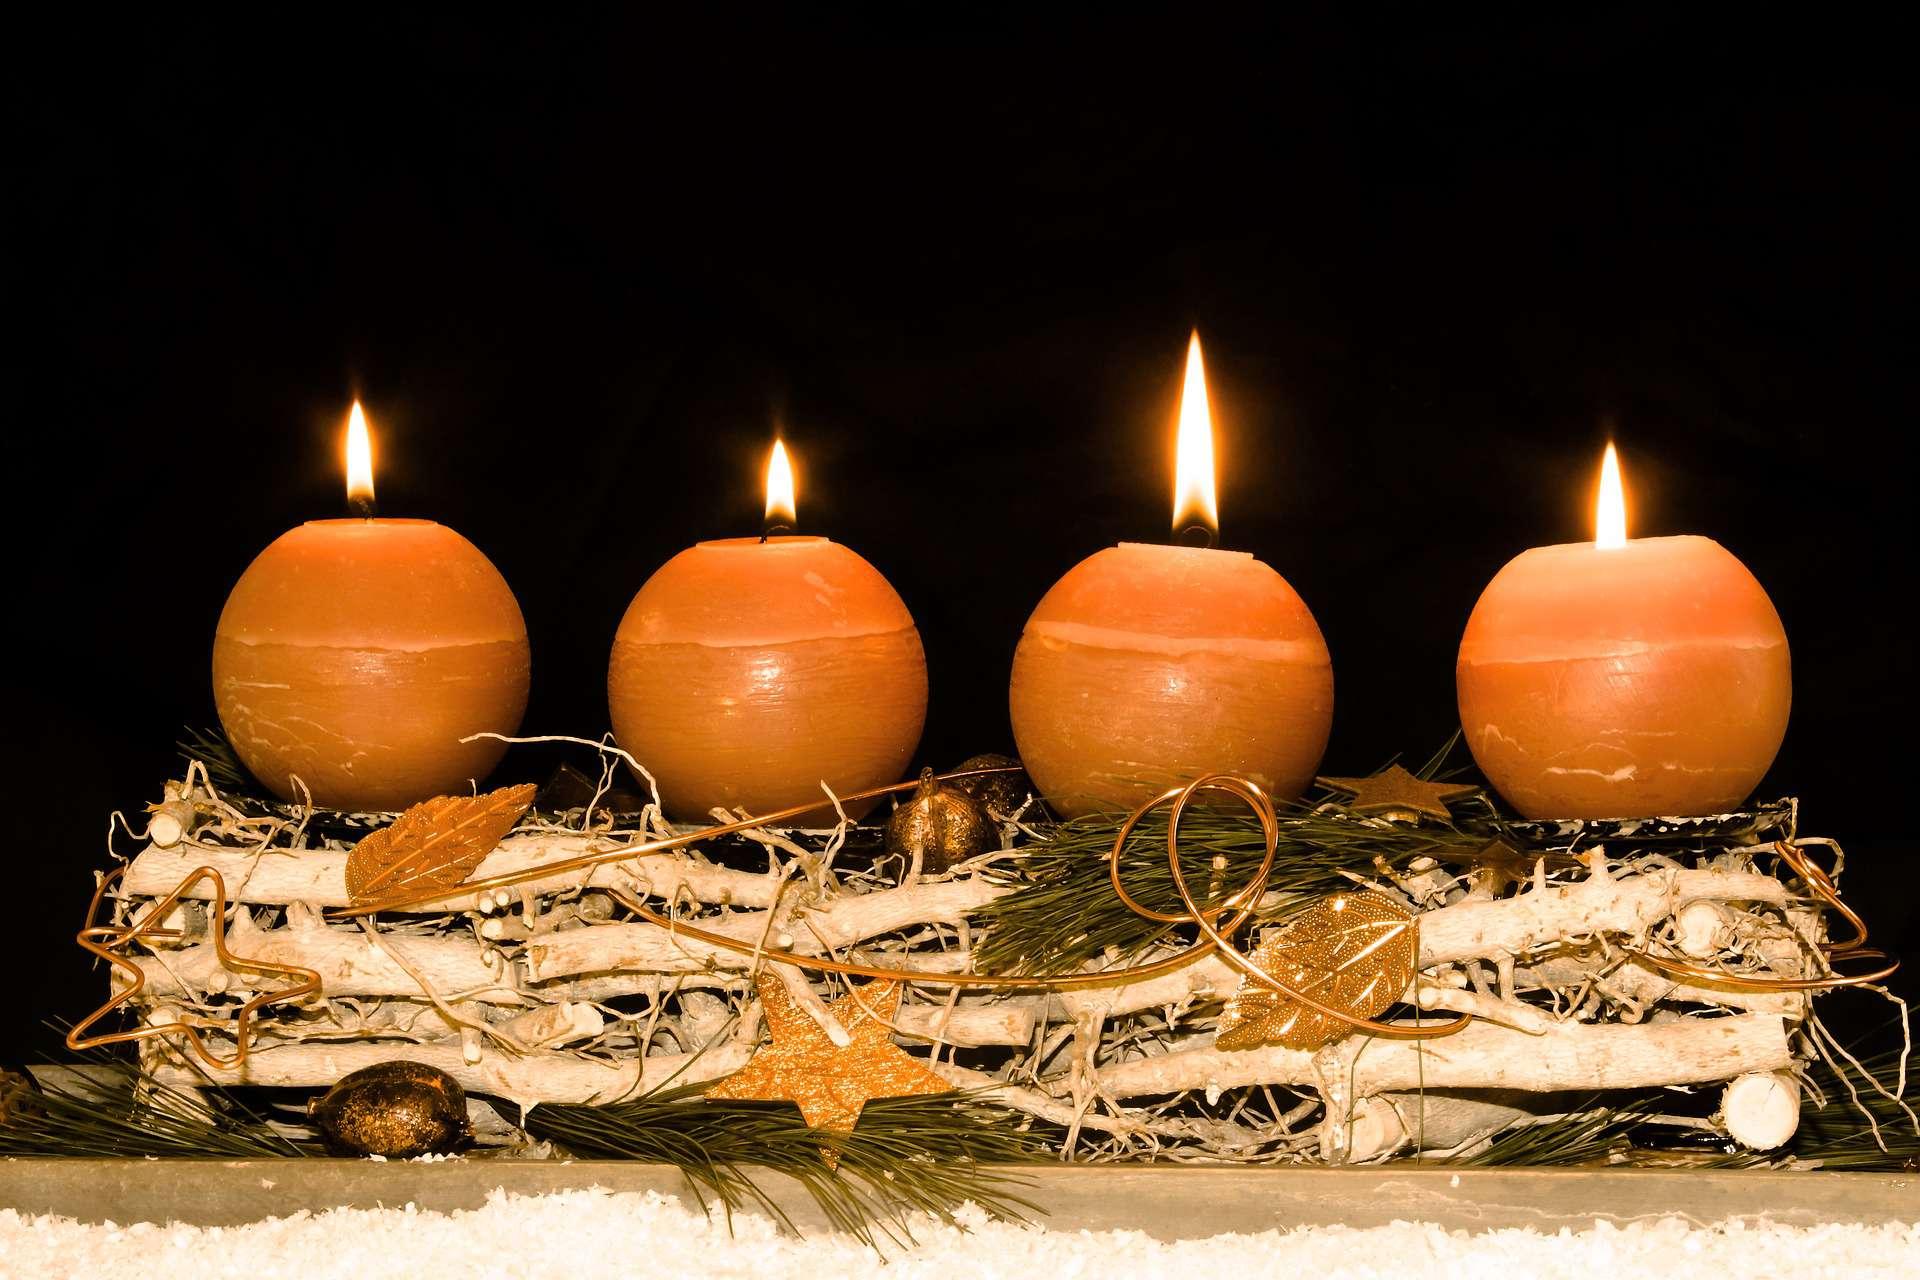 Candles U0026 Home Decor